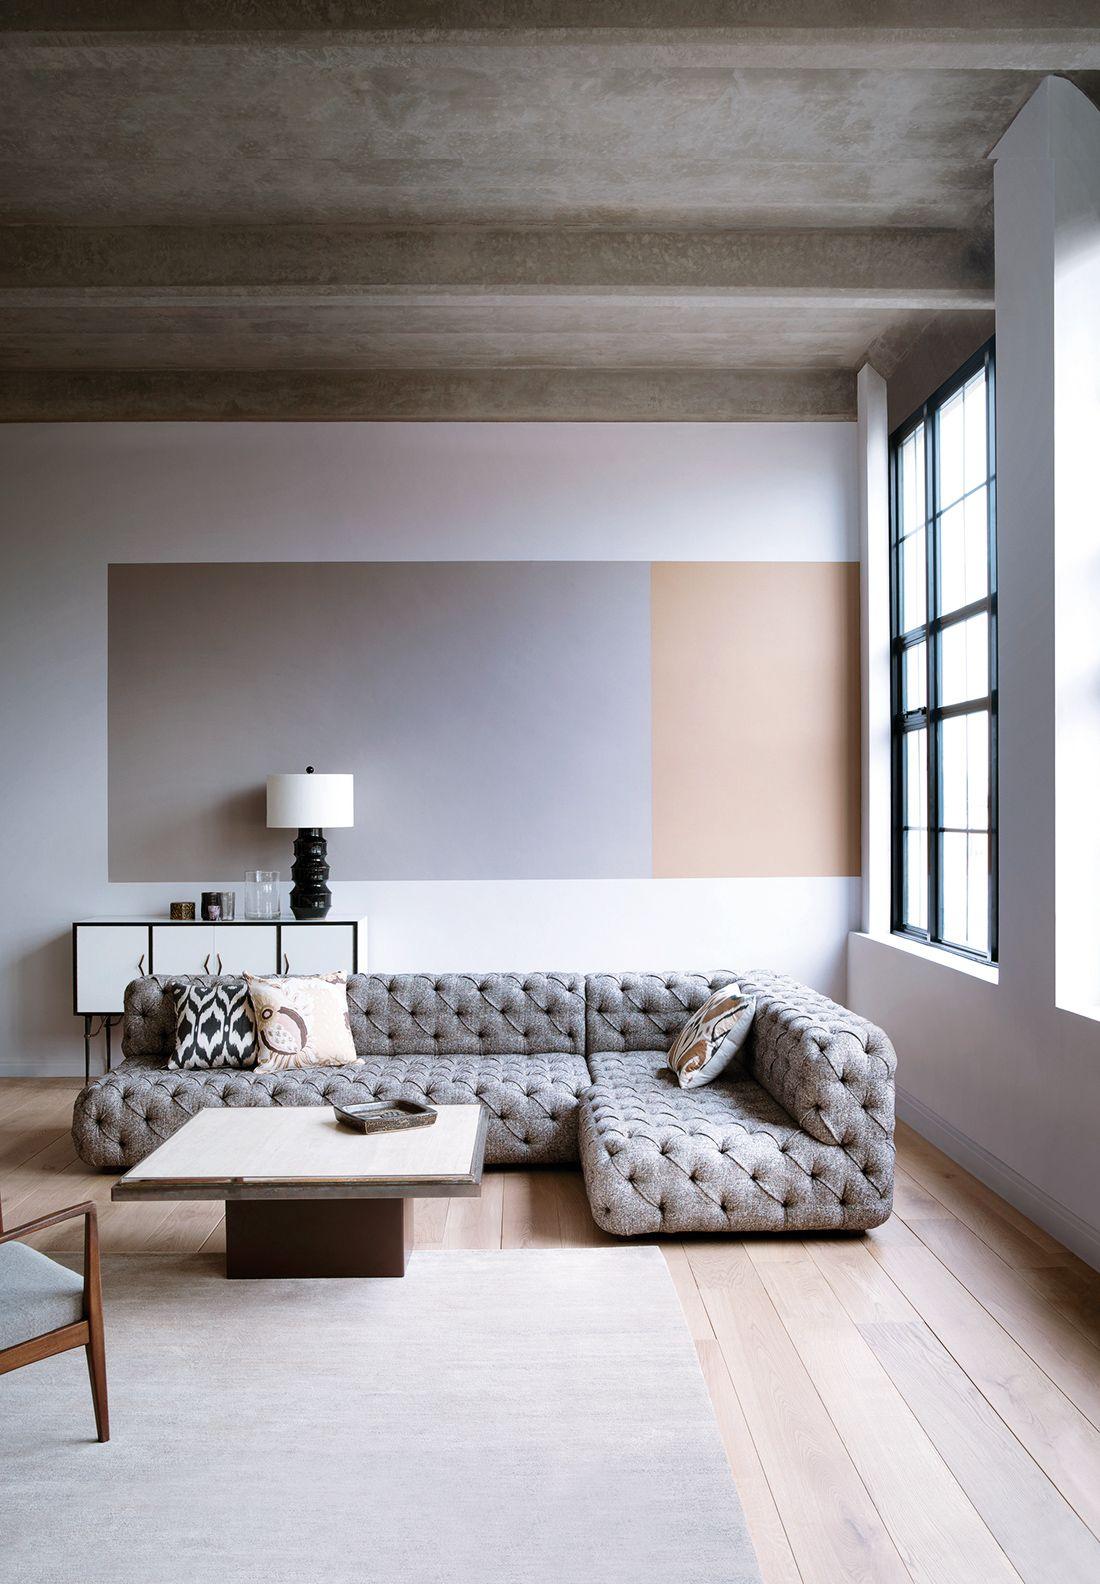 Modele maison moderne salon classique style minimaliste peinture salon modèle maison